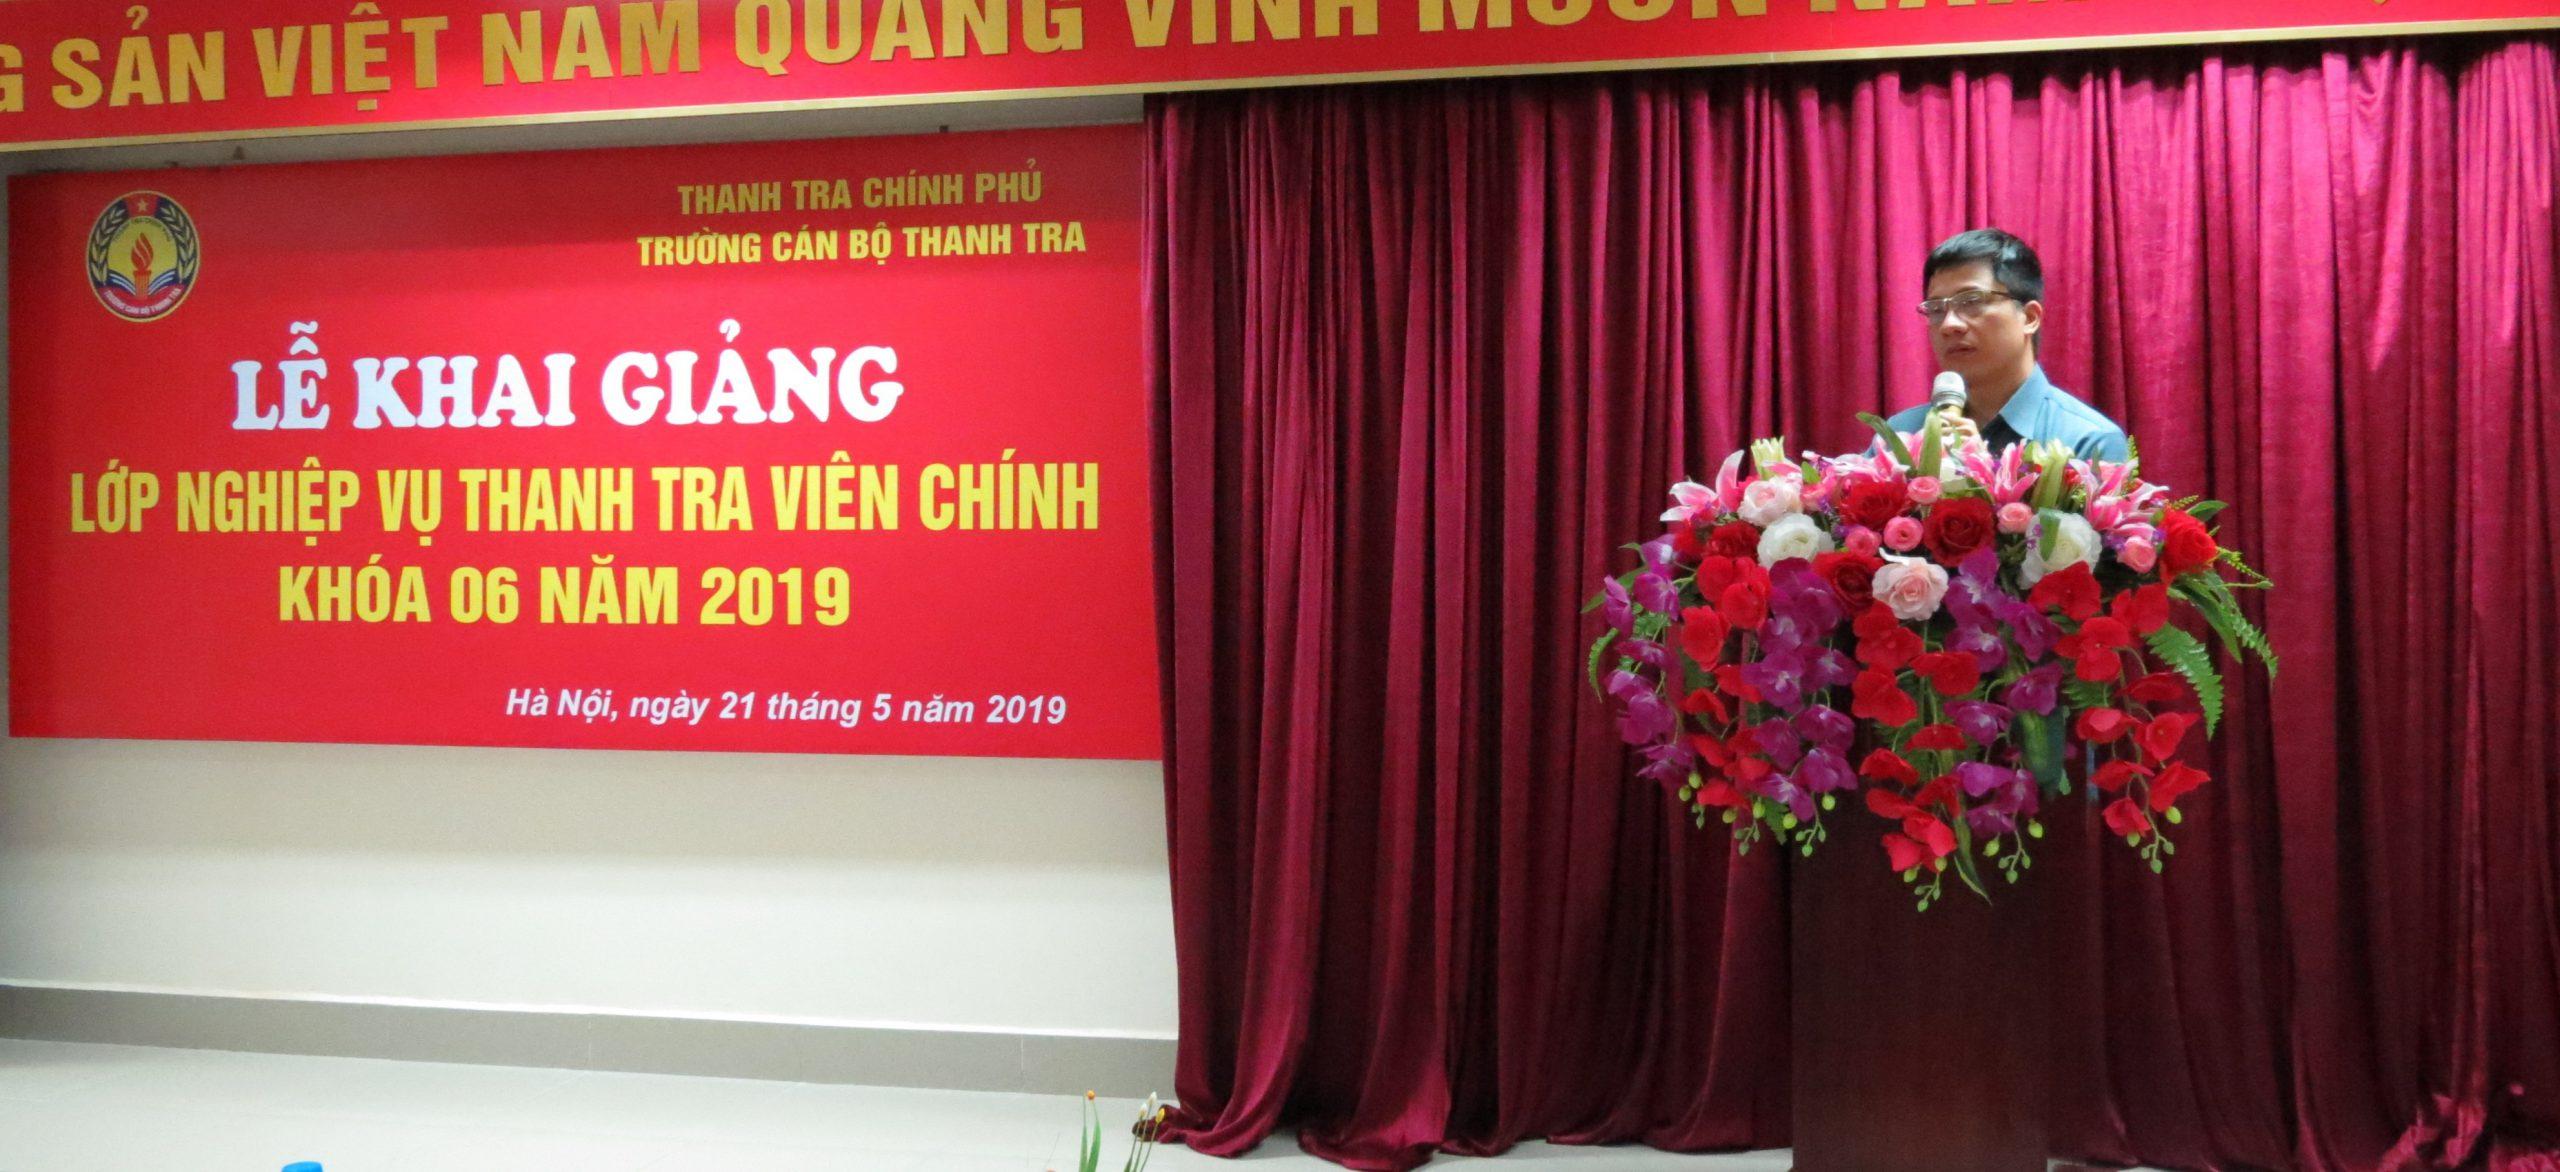 TS Trịnh Văn Toàn Phó Hiệu trưởng Trg CBTT phát biểu khai giảng khóa học